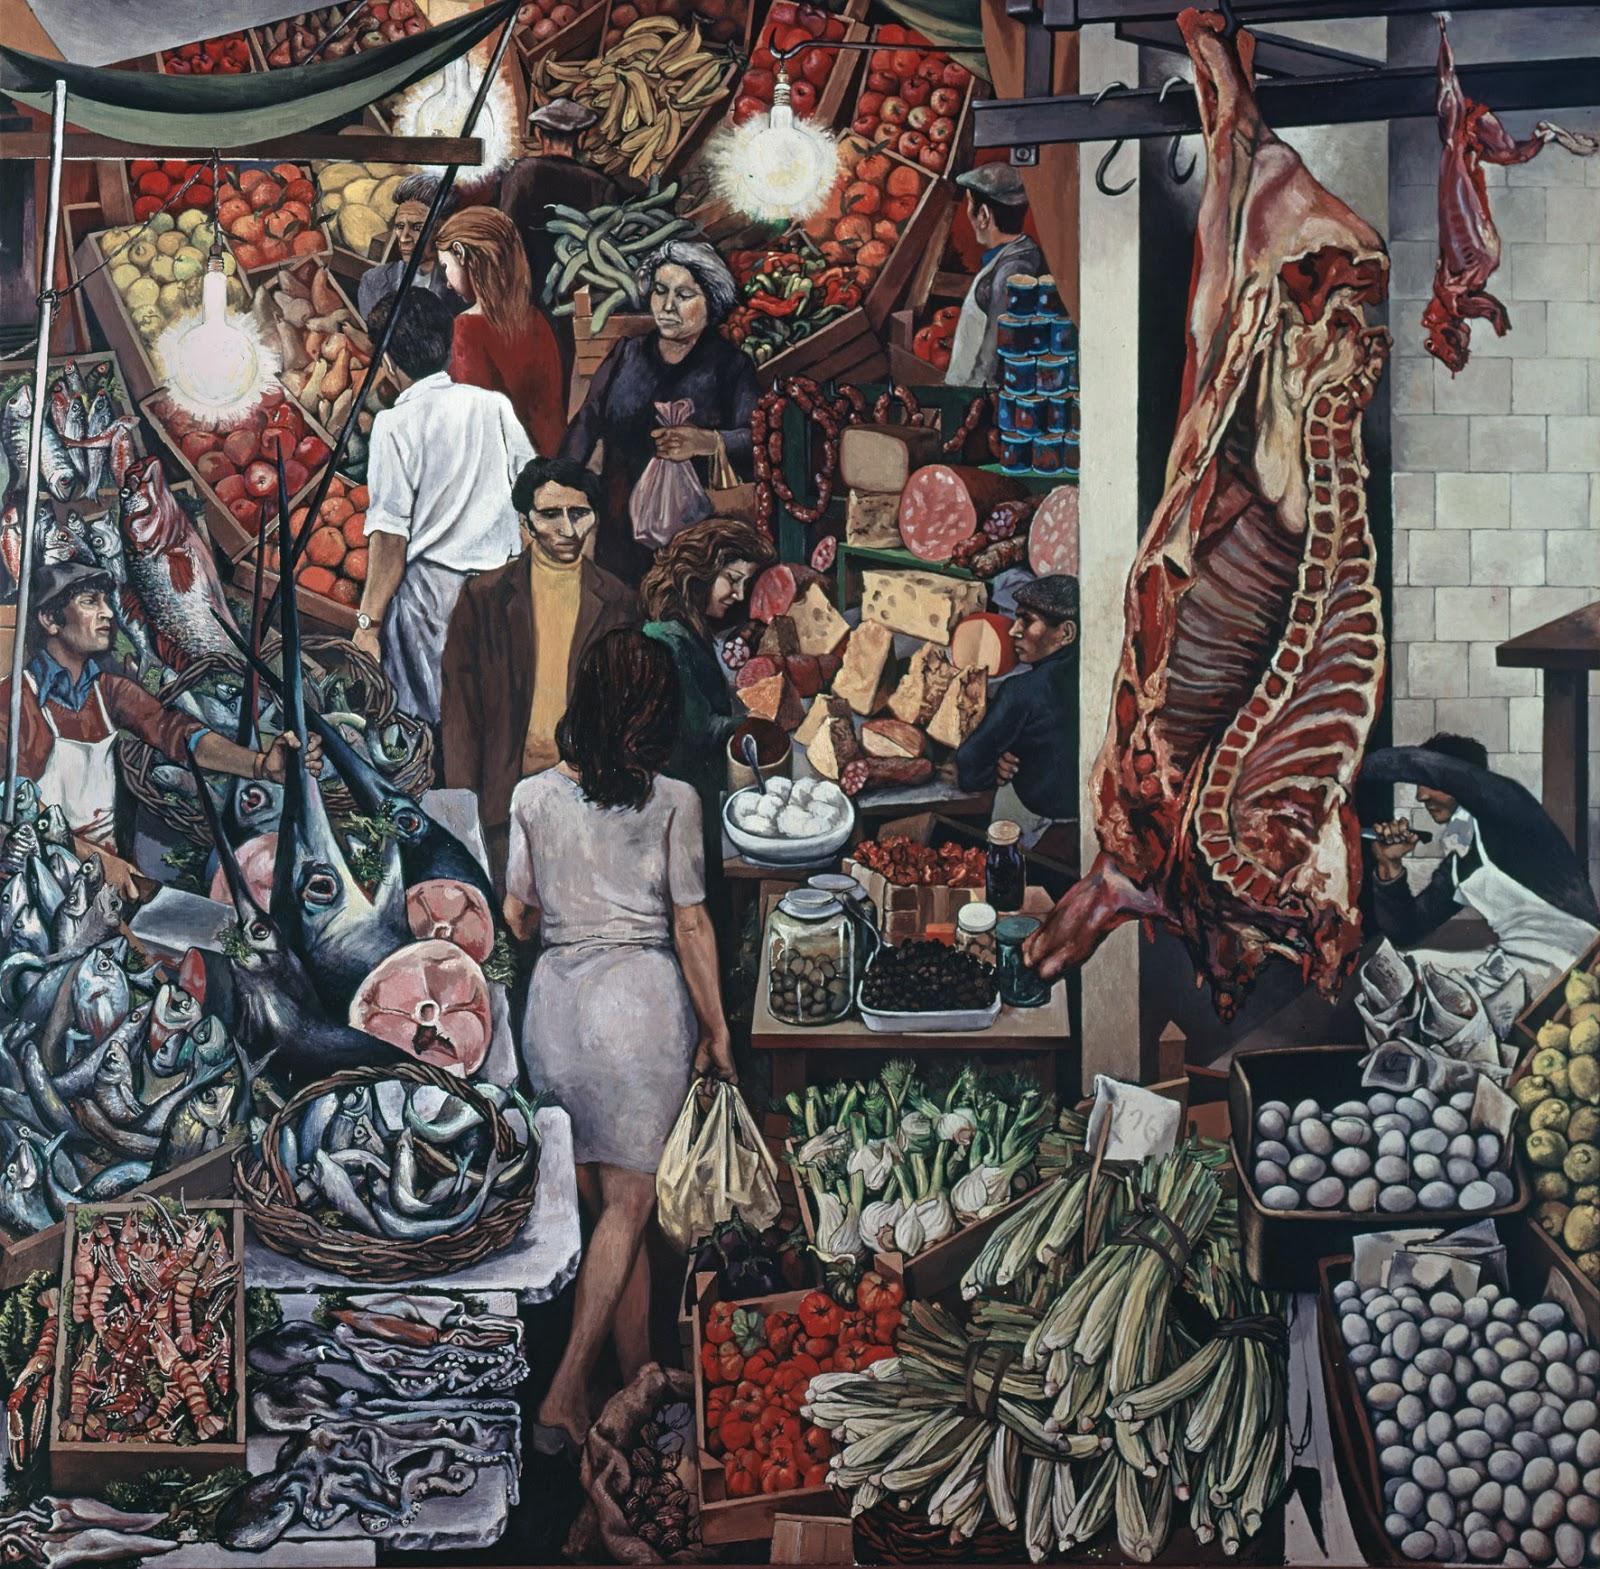 La Vucciria , Renato Guttuso, 1974. Università degli Studi di Palermo